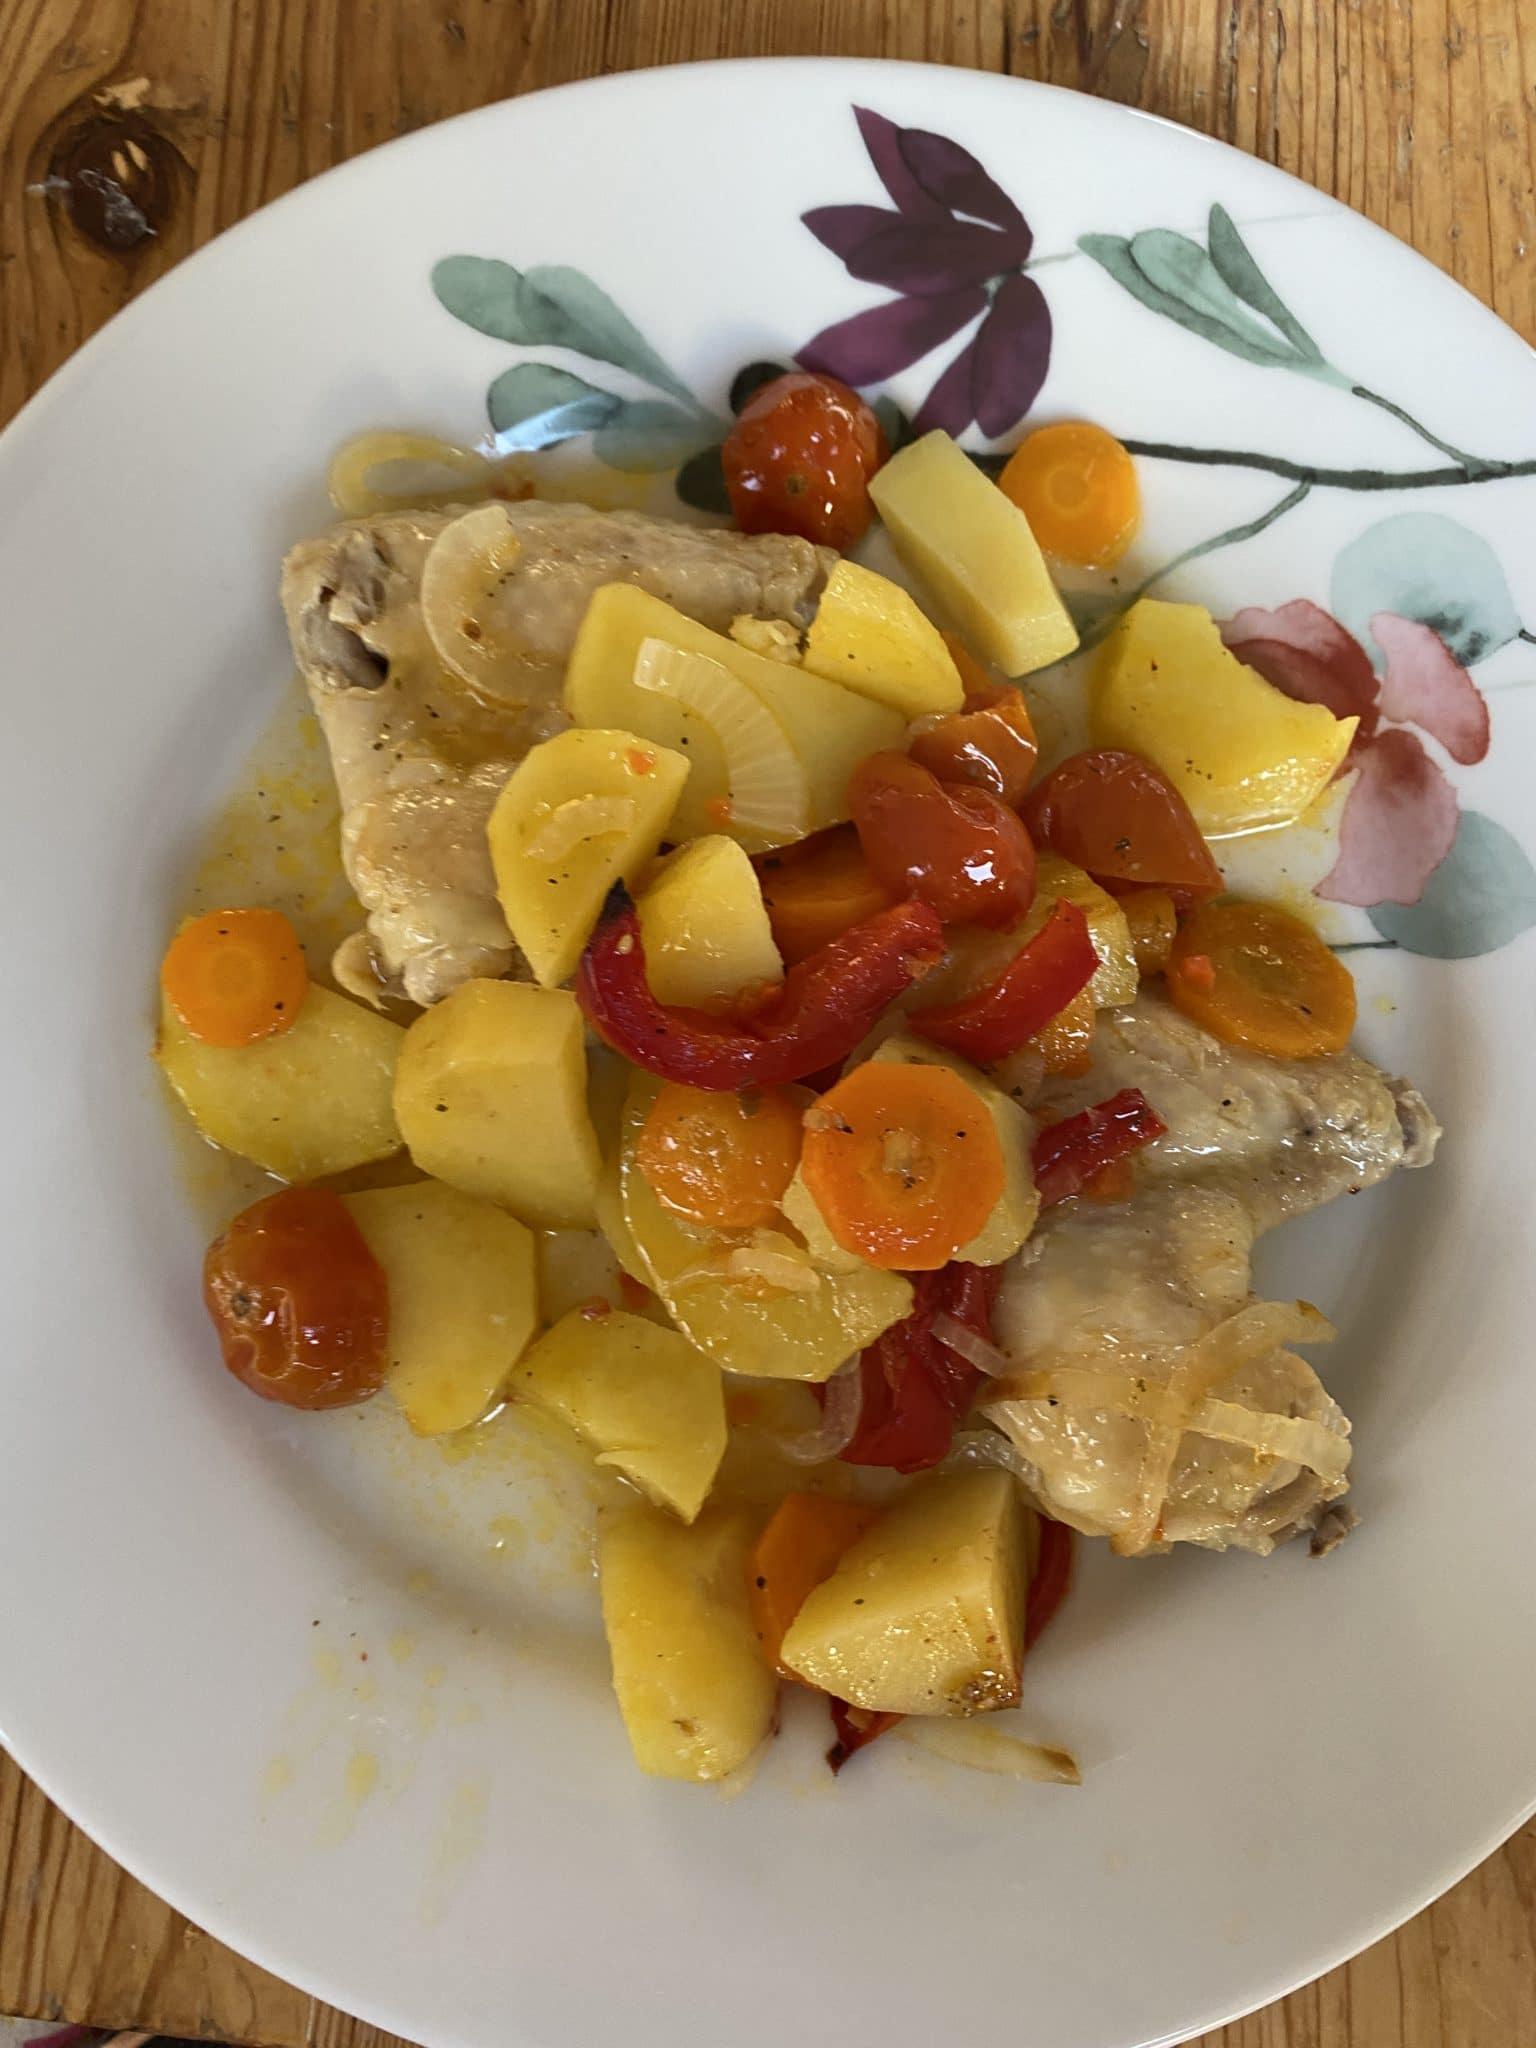 Zum Mittag gibt es Biohuhn mit Kartoffeln, okay aber kein Gaumenschmaus.